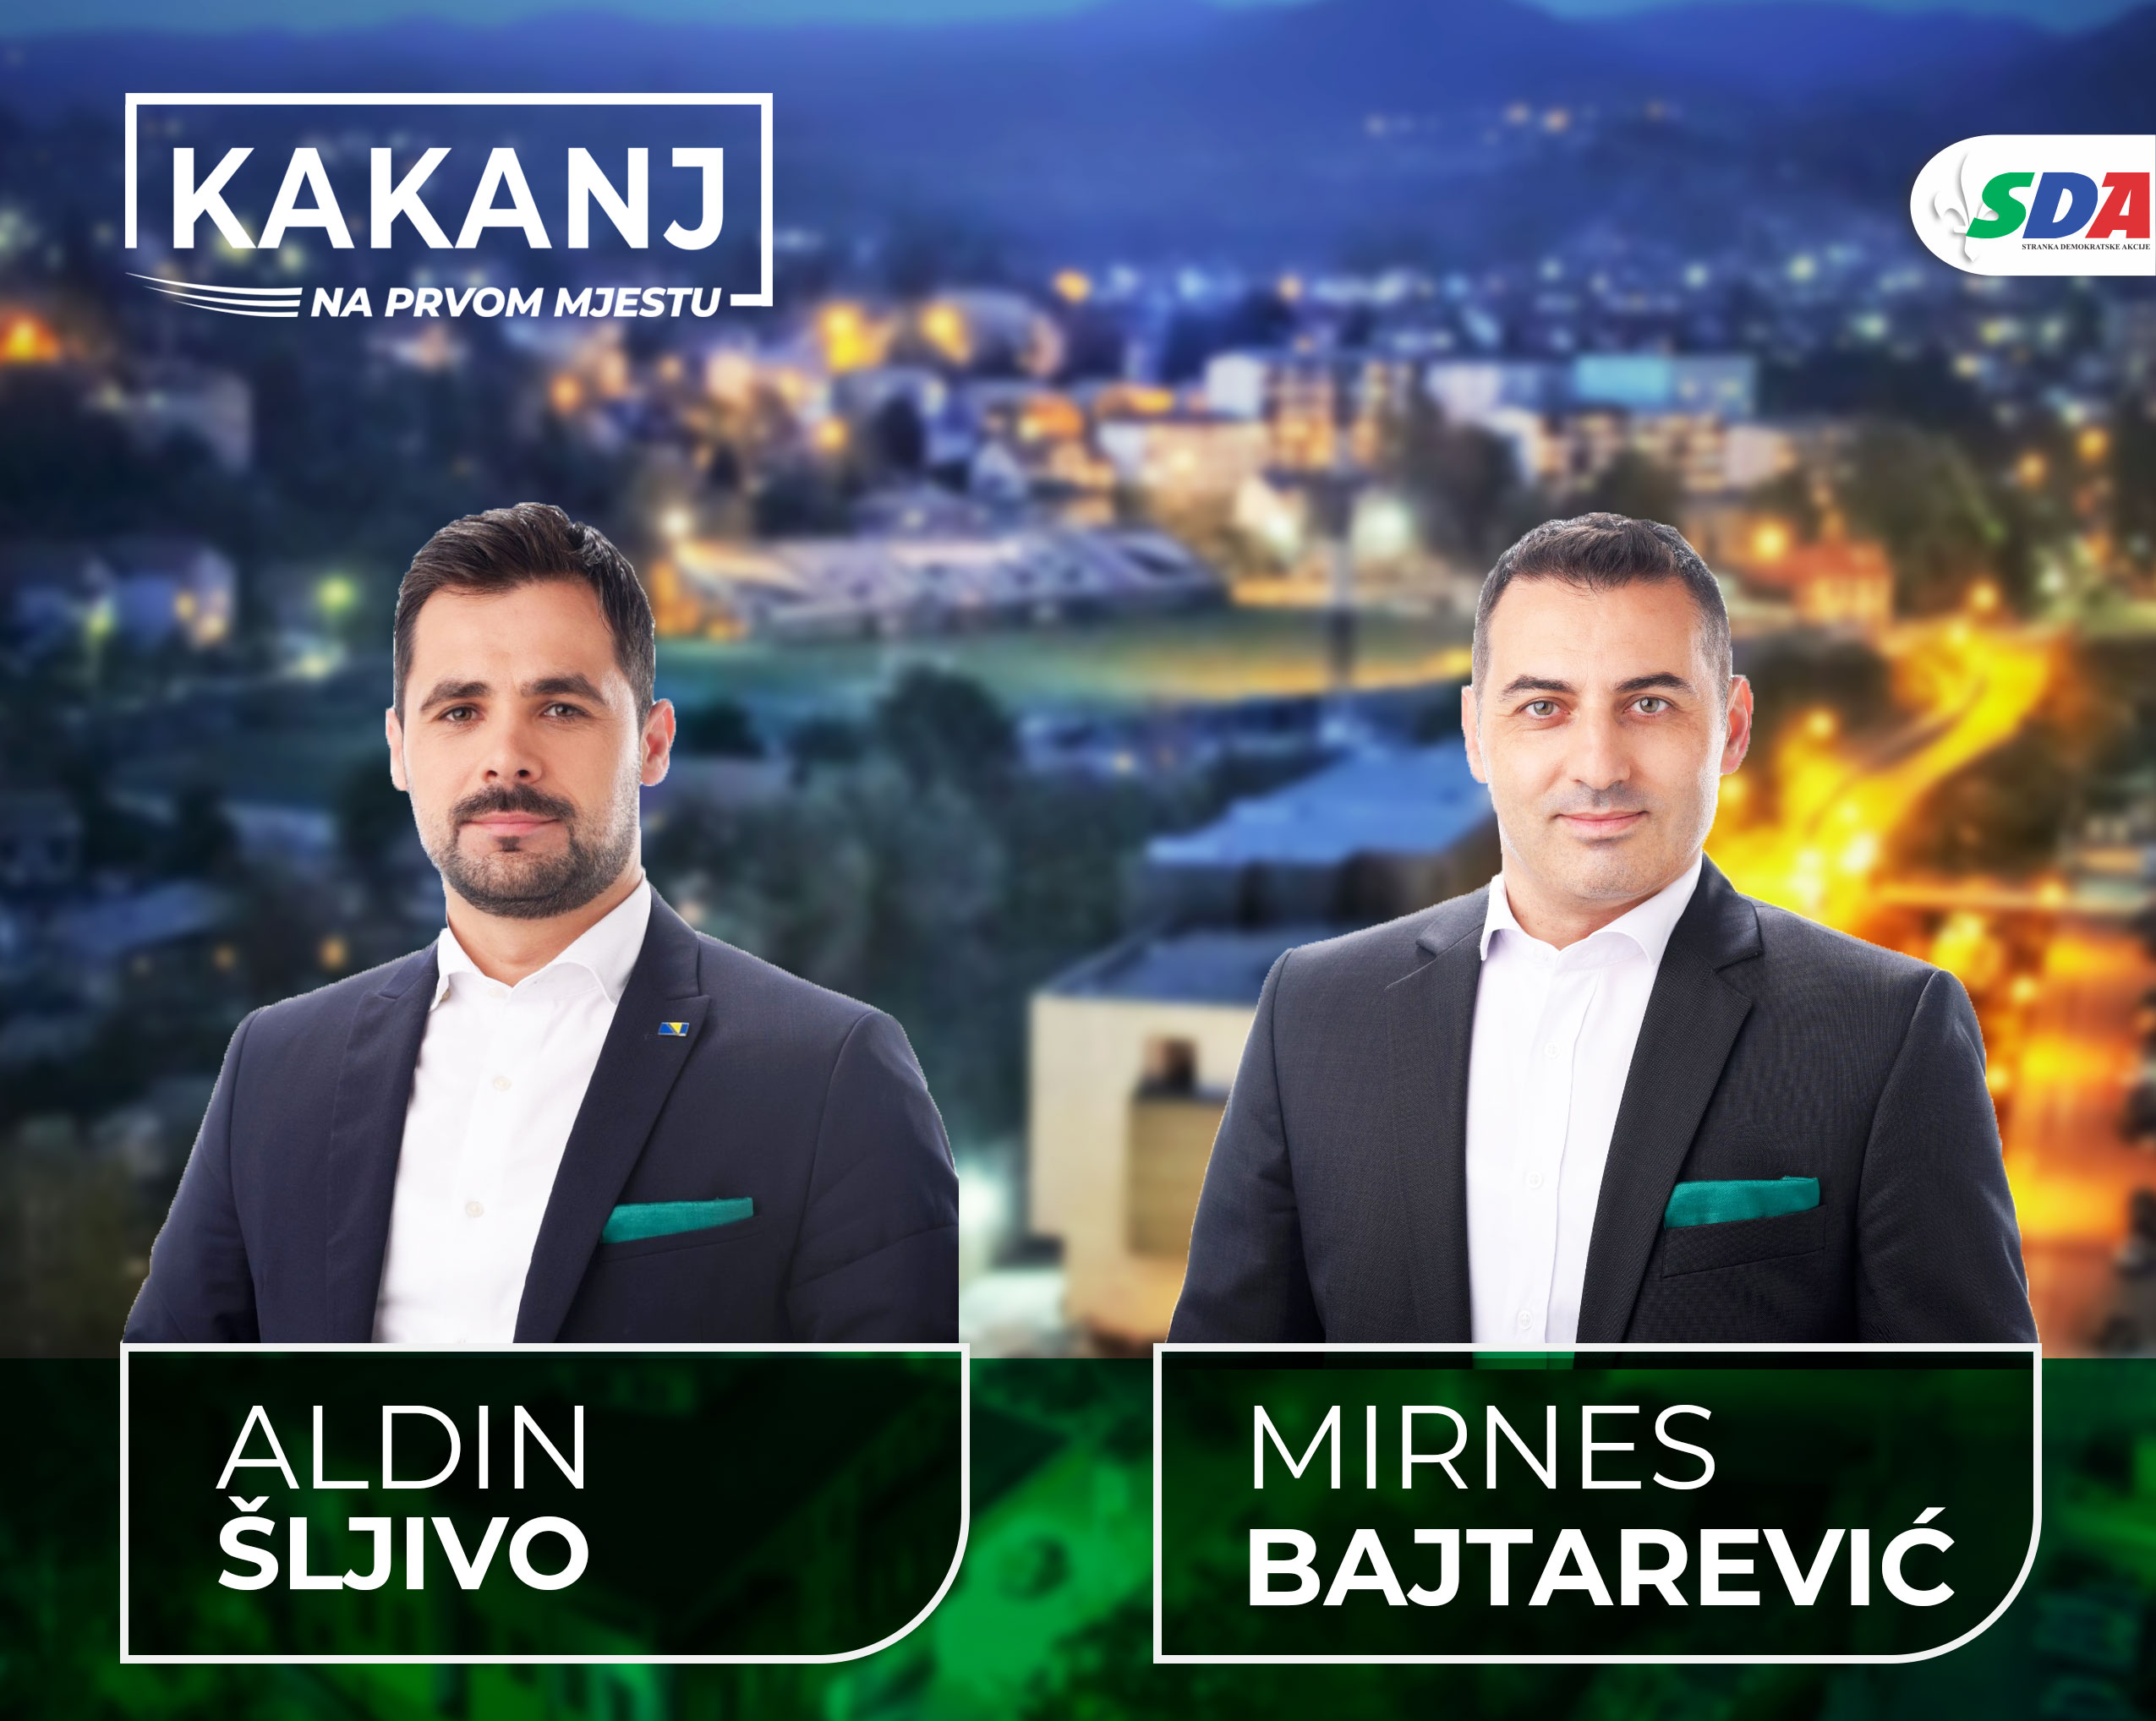 Aldin Šljivo: Rad kakanjske SDA počiva na temeljima timskog rada